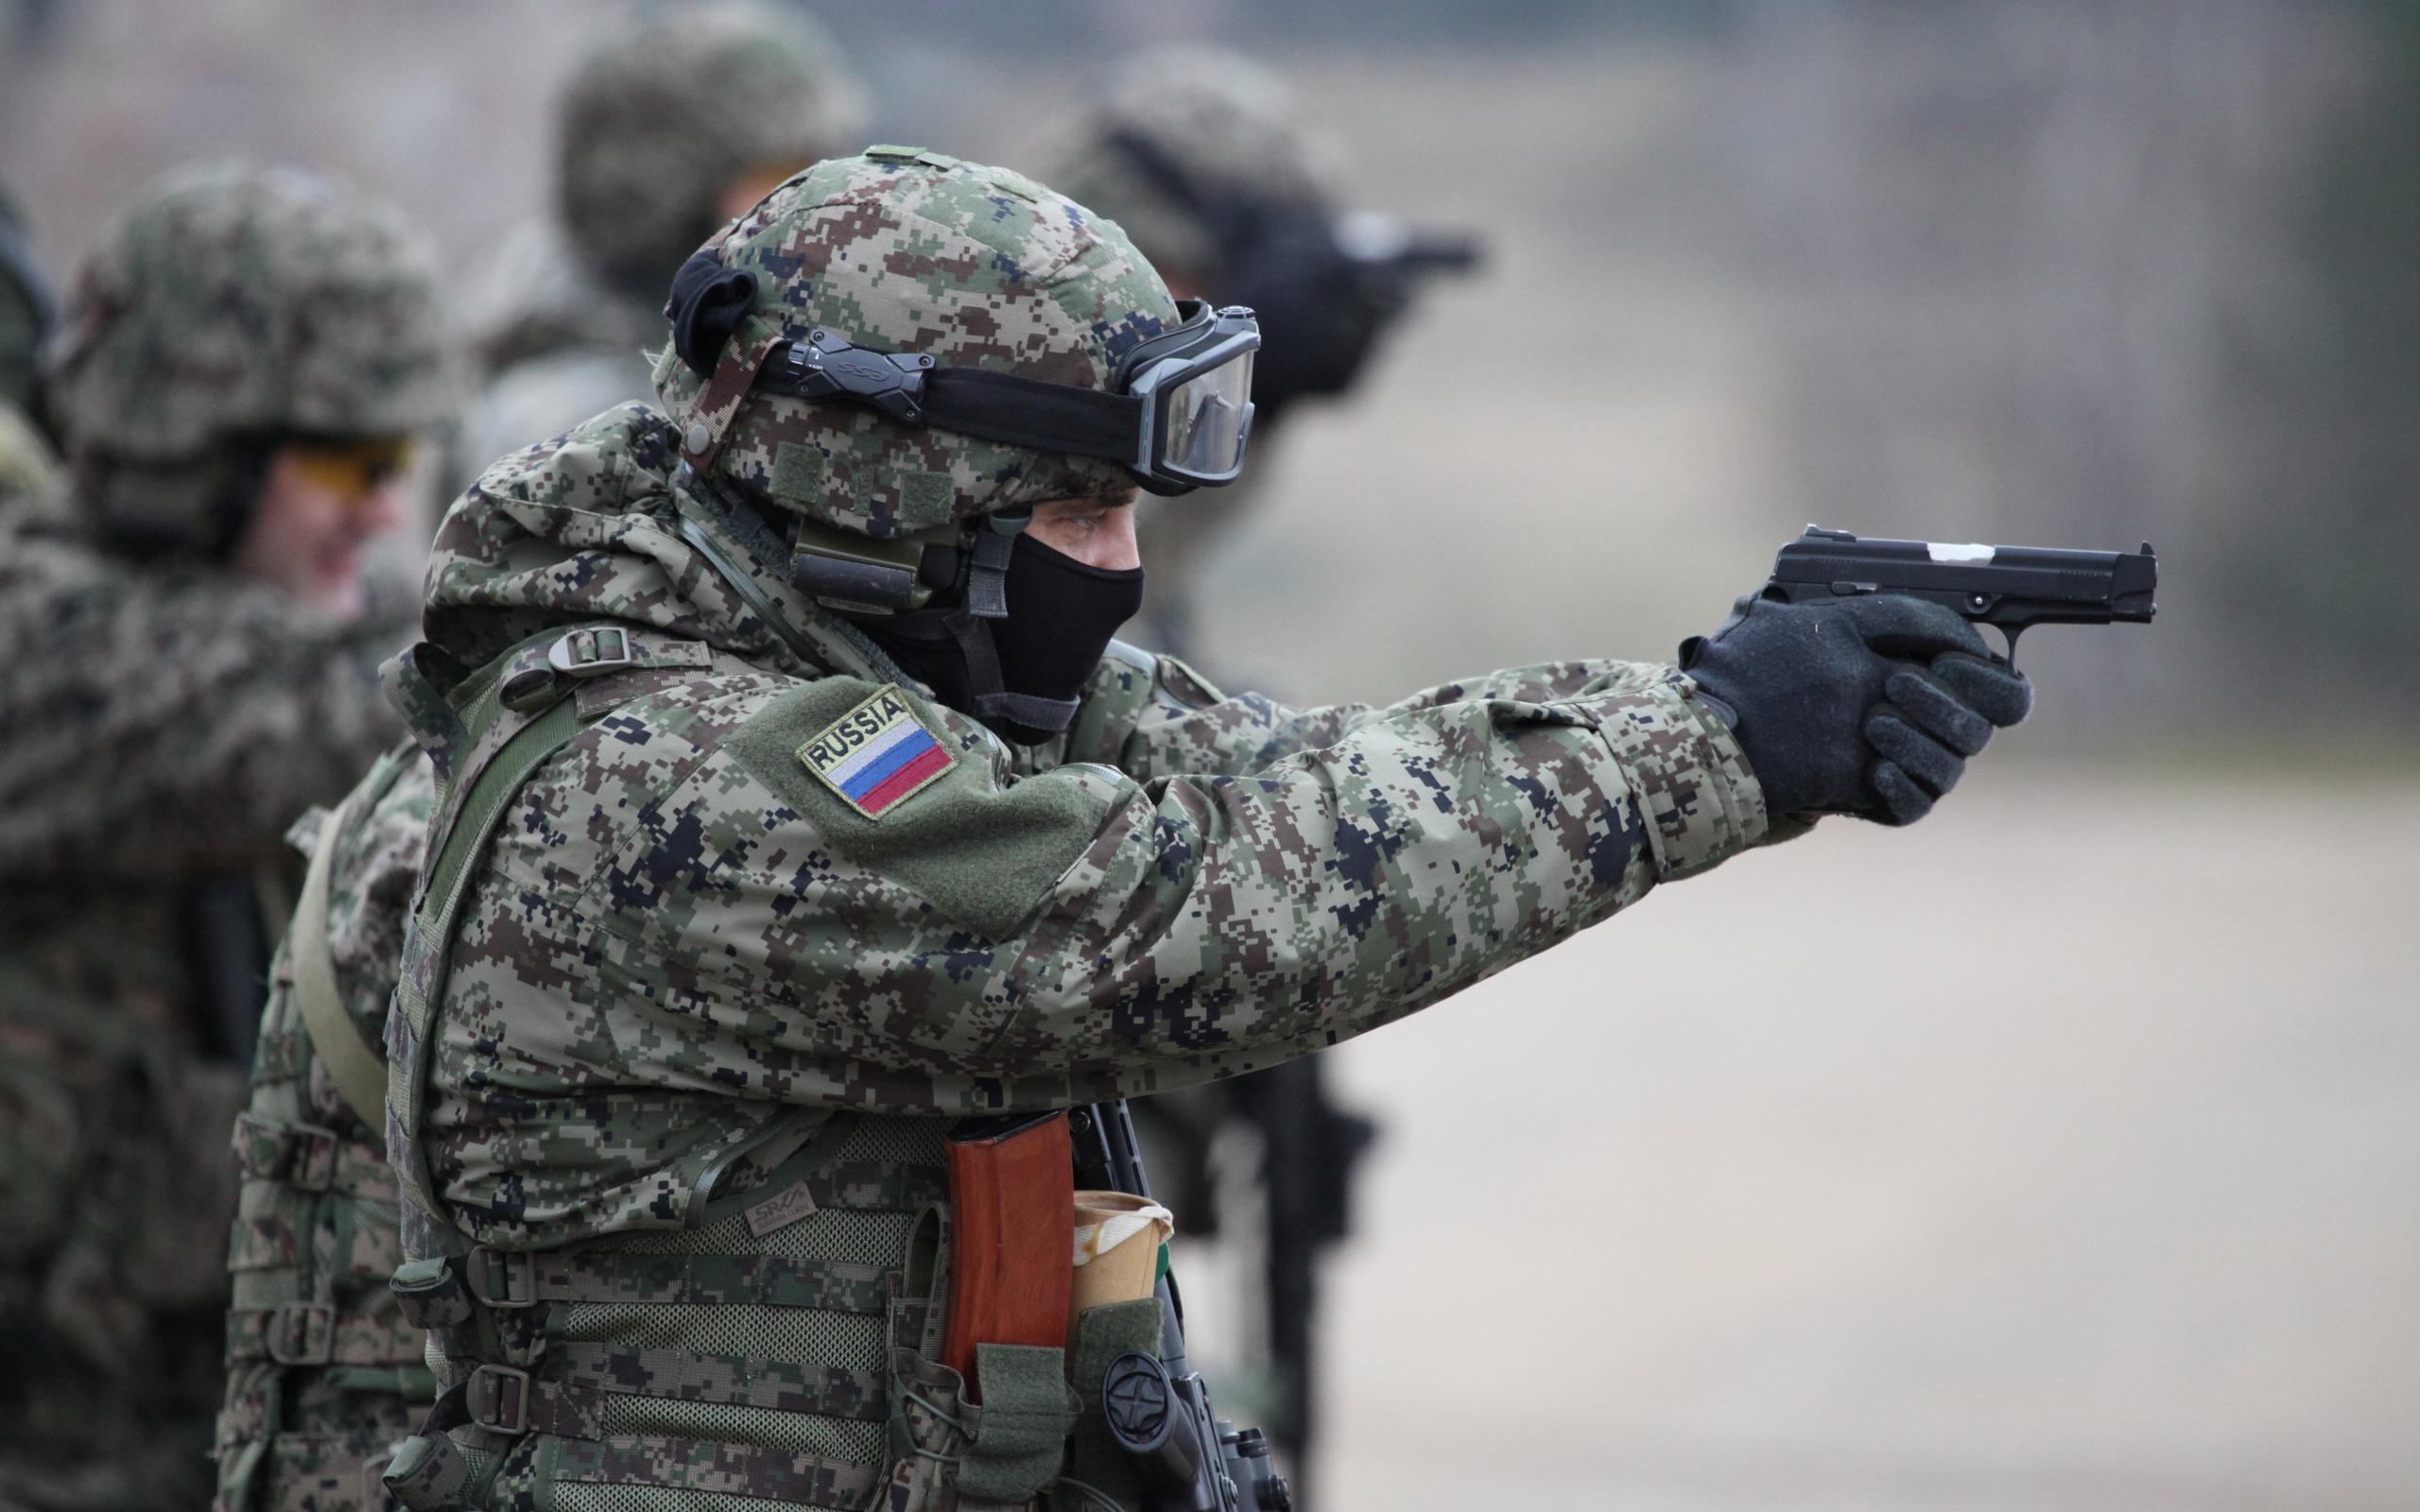 паруса самый фото на аву военные карелин новости, интервью